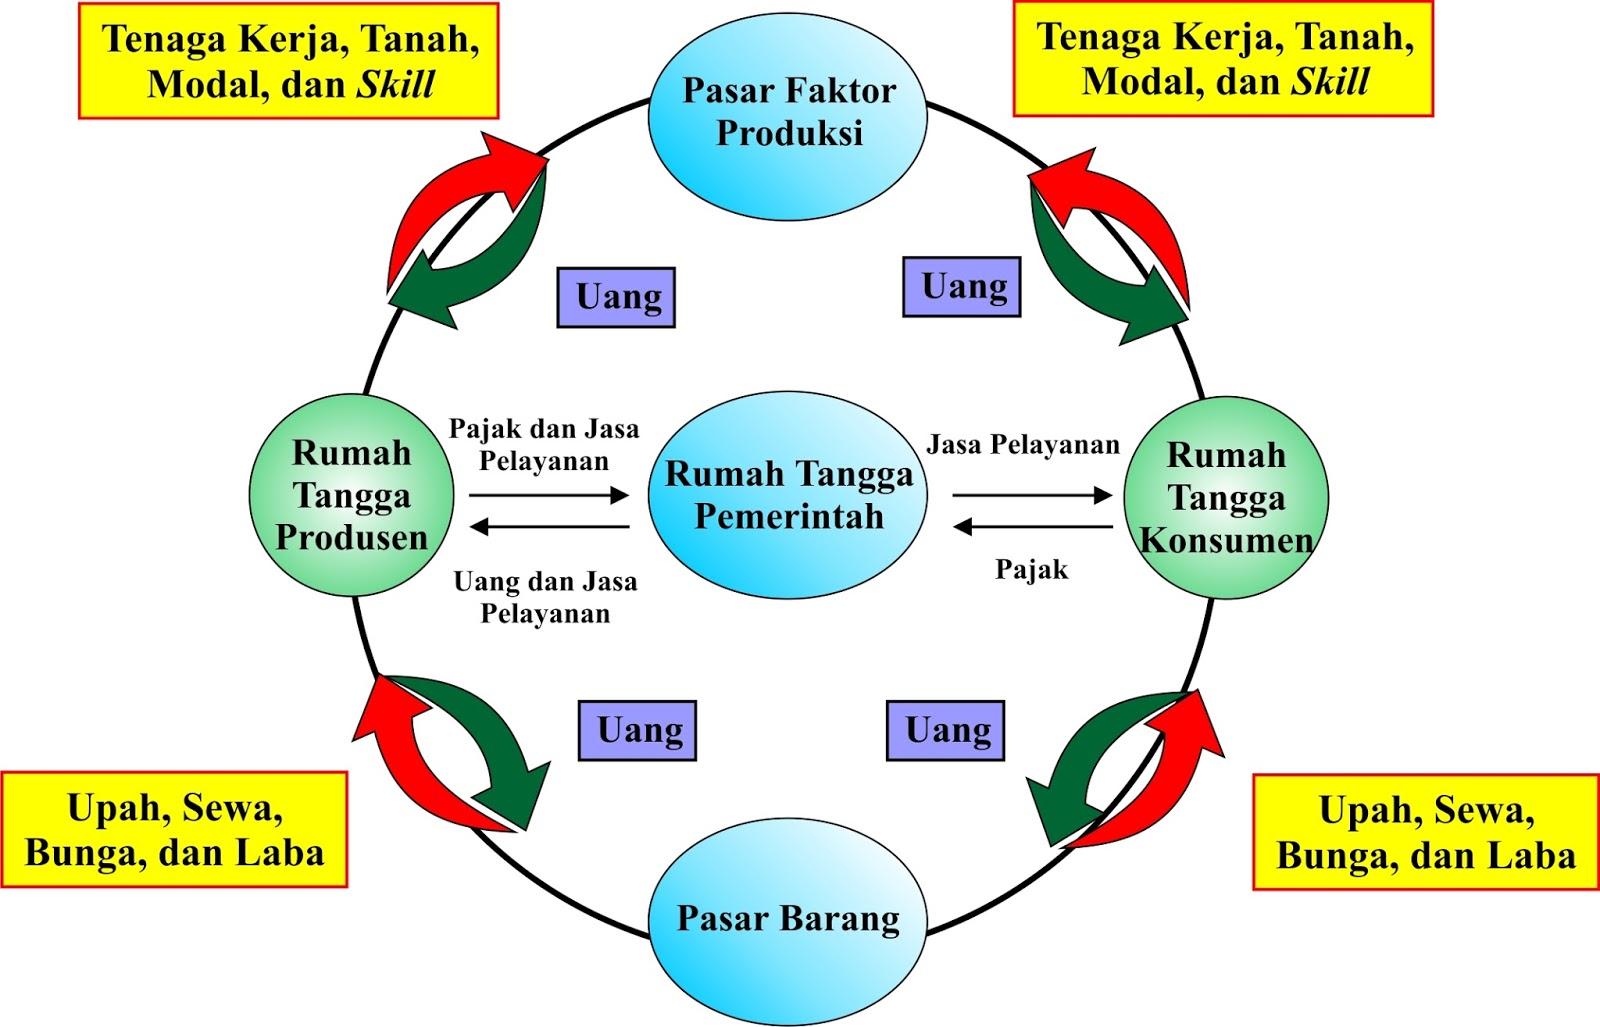 the circular flow diagram is a wiring of motorcycle horn pelaku ekonomi sektor rumah tangga konsumen